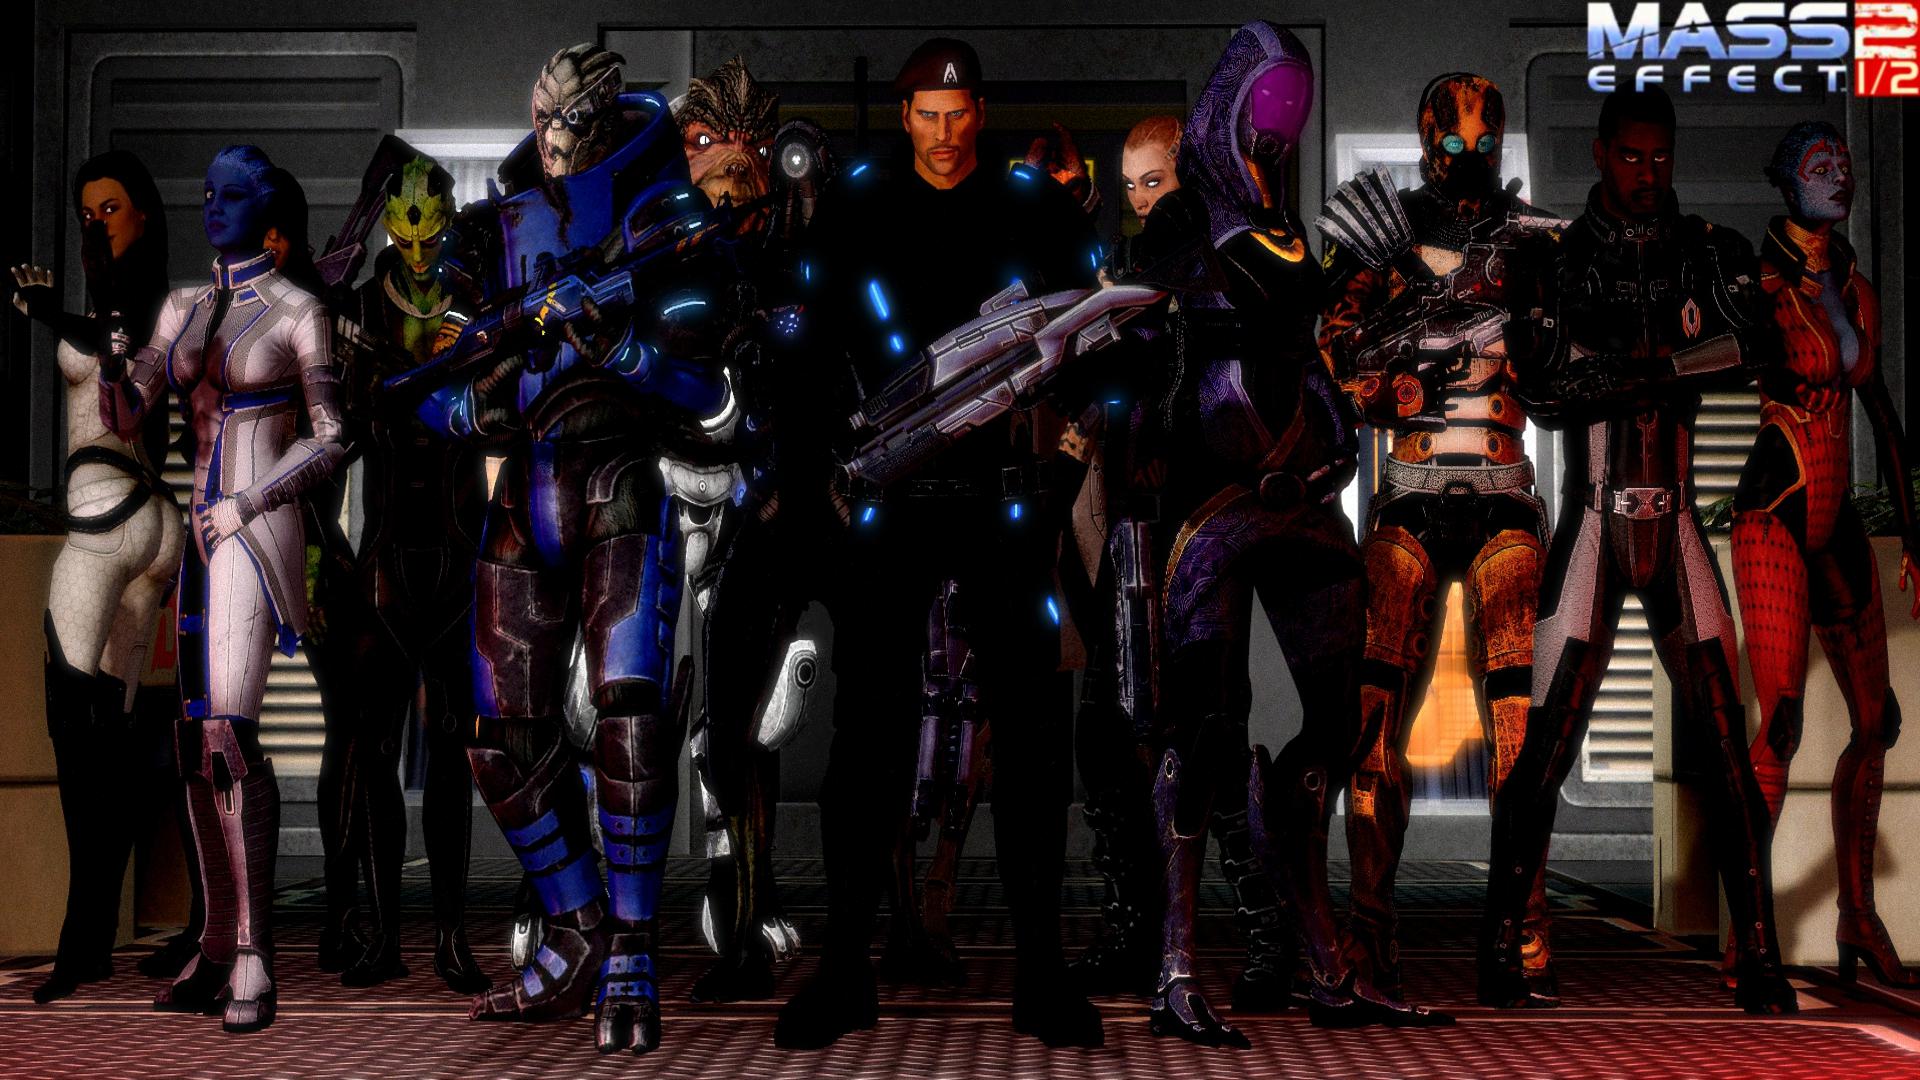 Как сделать чтобы Шепард выжил в Mass Effect 3? - Полезная информация